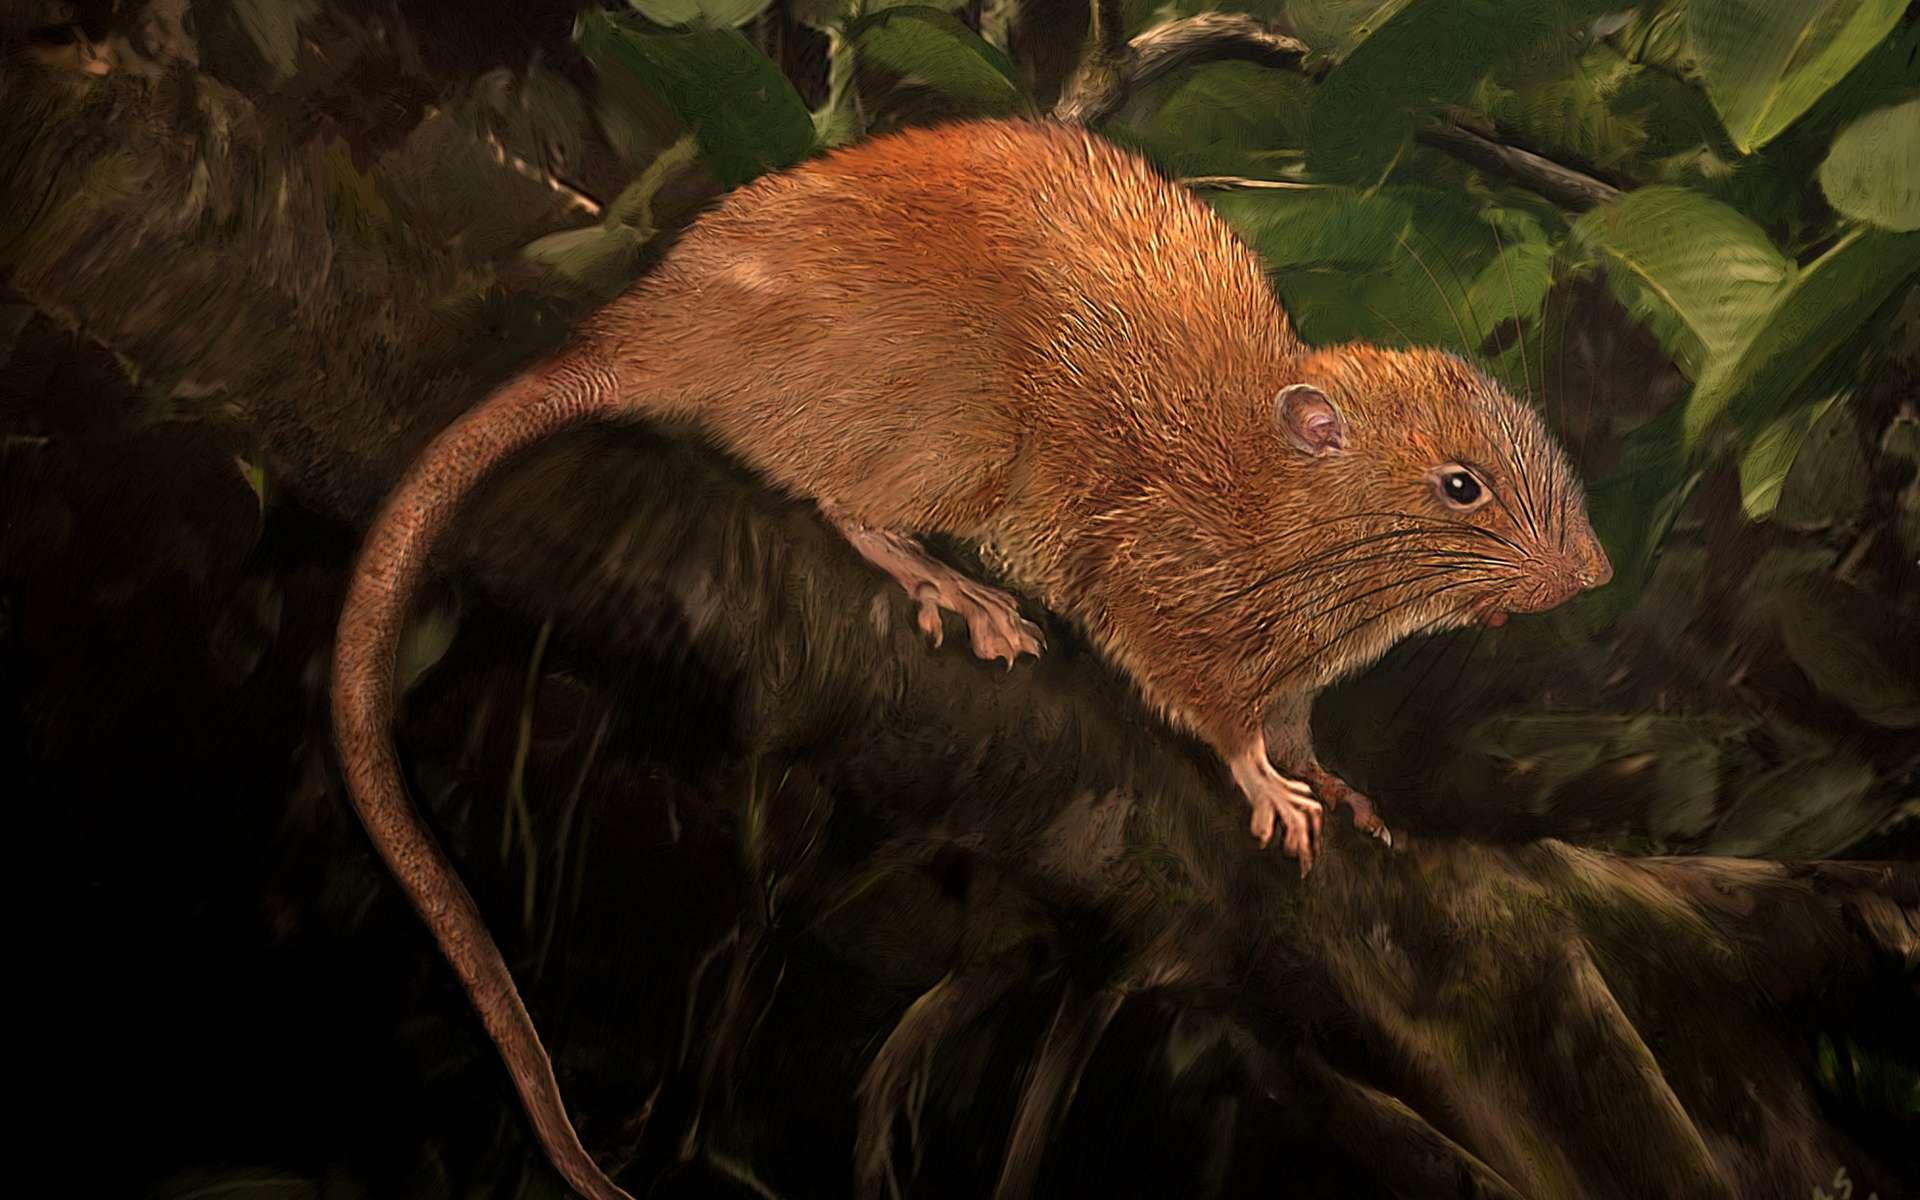 Un rat géant a été découvert aux îles Salomon. Ici, illustration de Uromys vika. © Velizar Simeonovski, The Field Museum